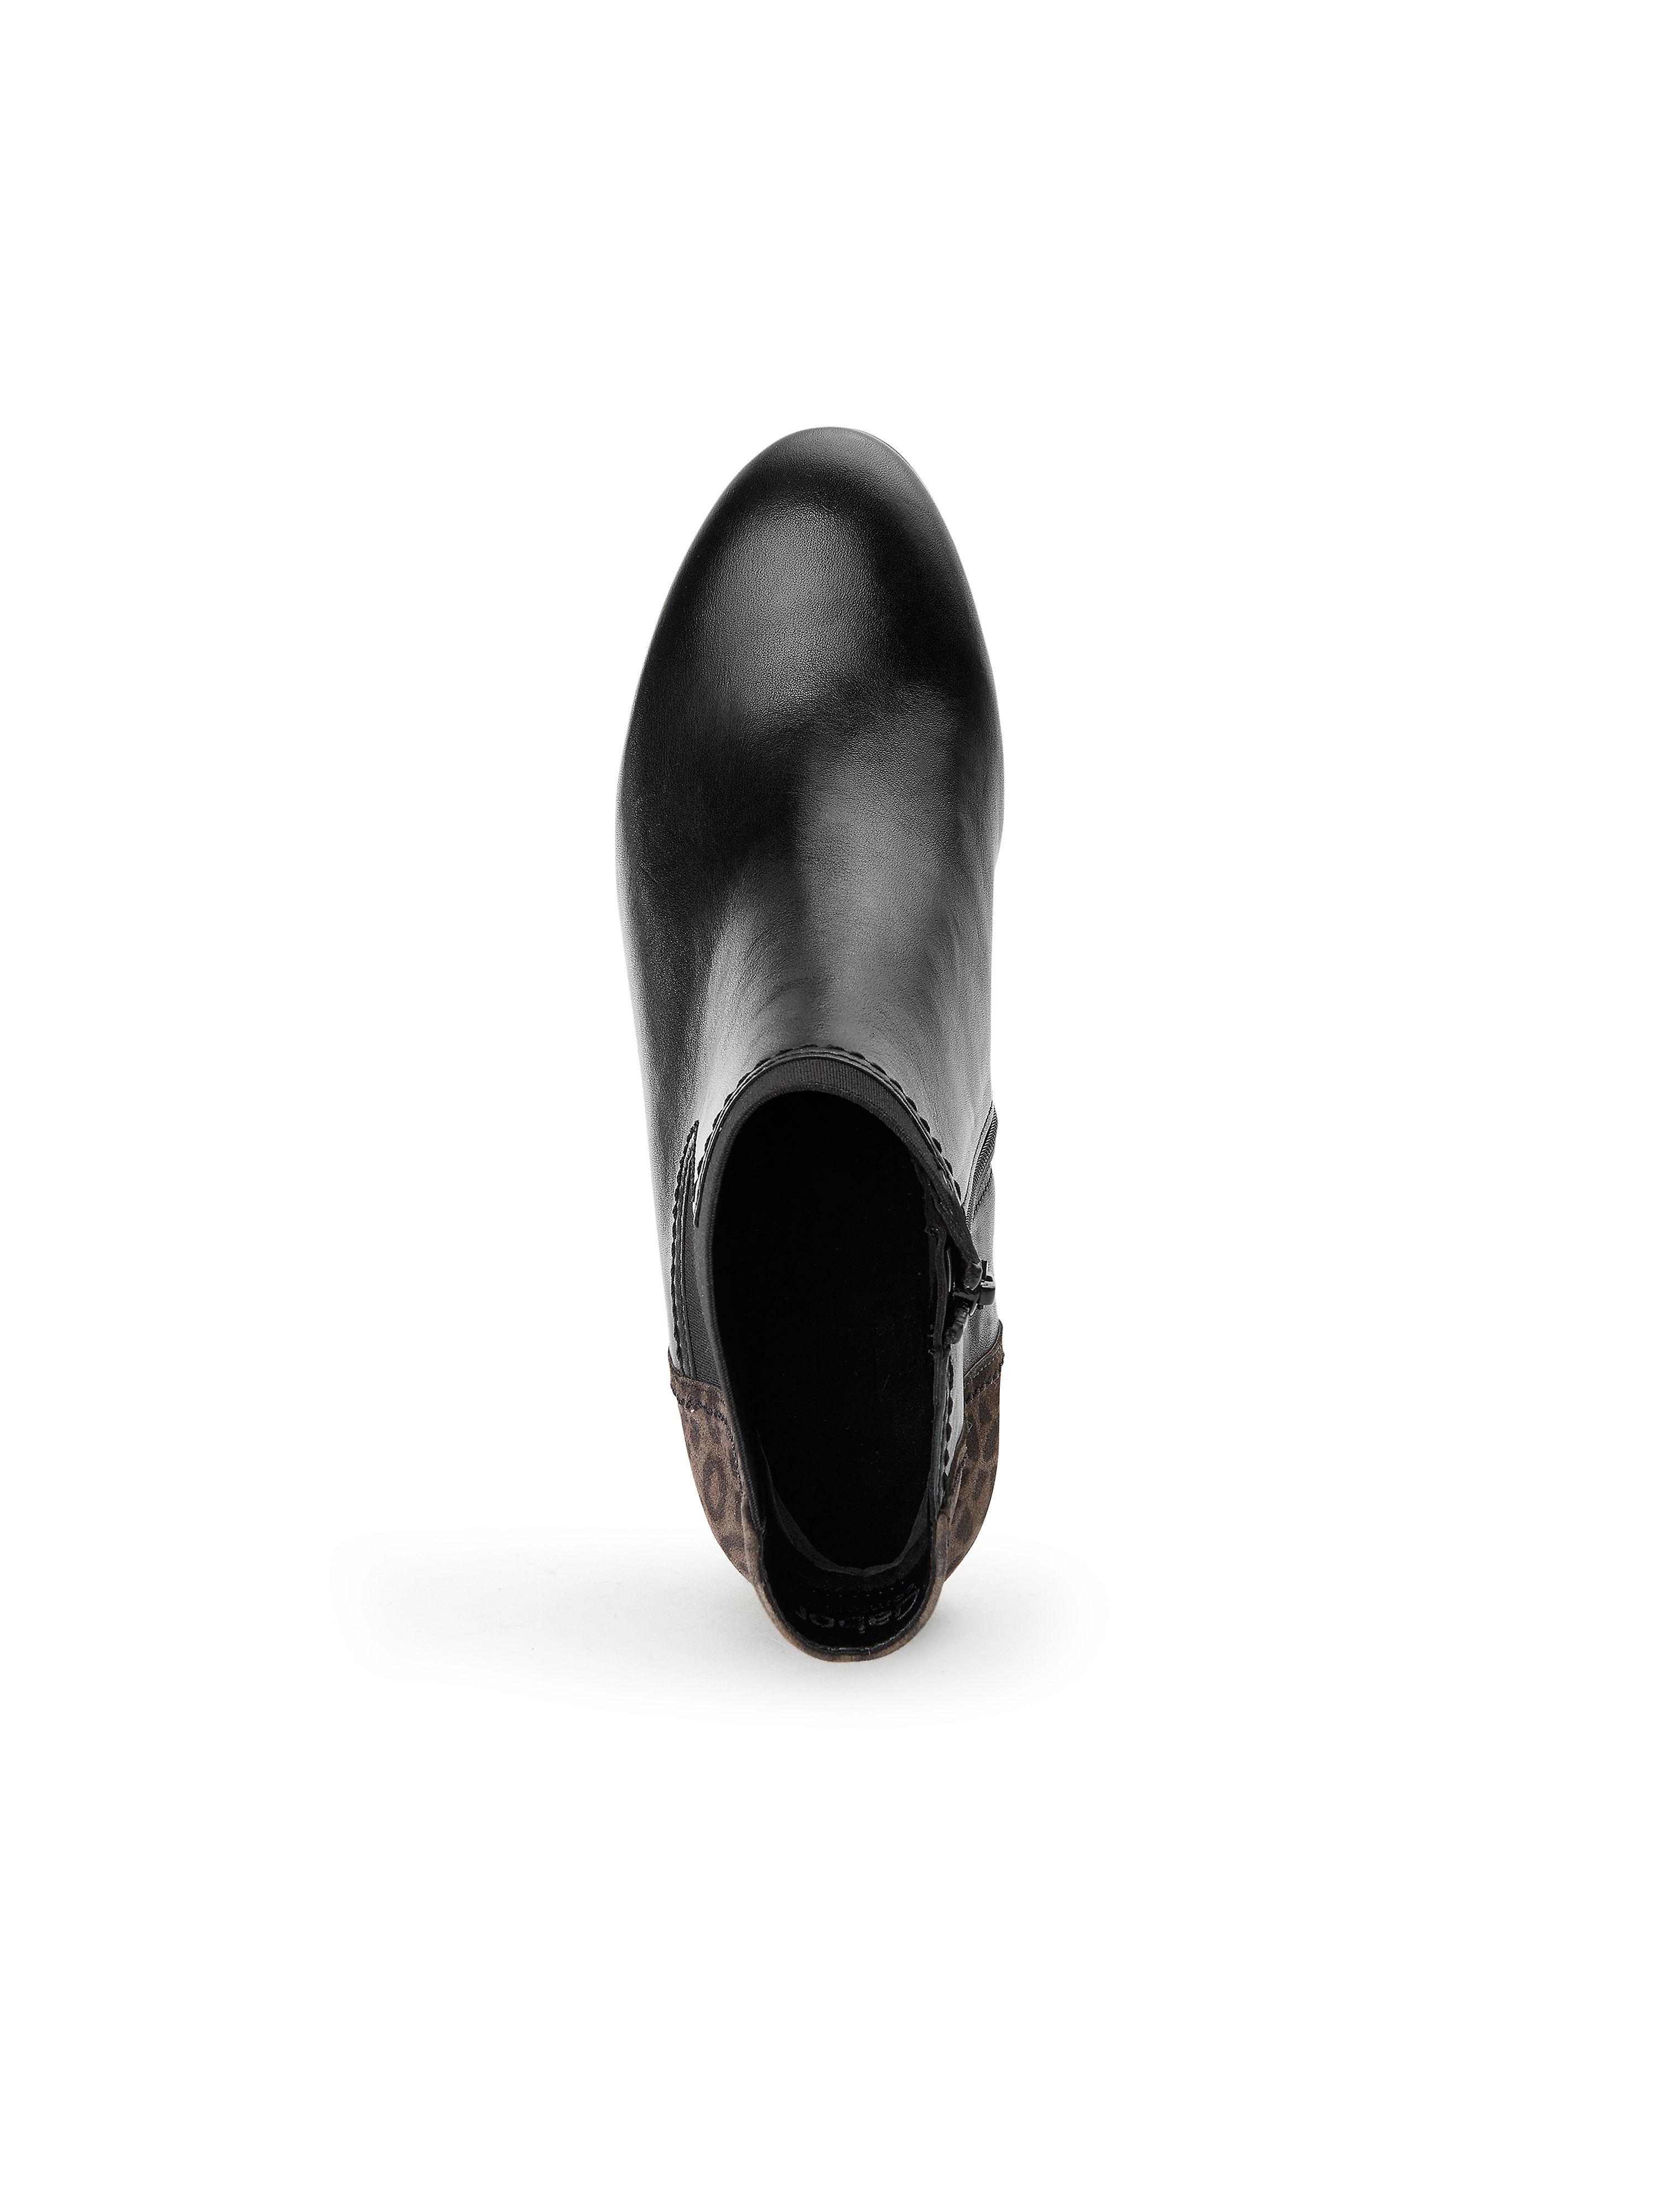 Gabor - Stiefelette Qualität asu 100% Leder - Schwarz Gute Qualität Stiefelette beliebte Schuhe 4df230